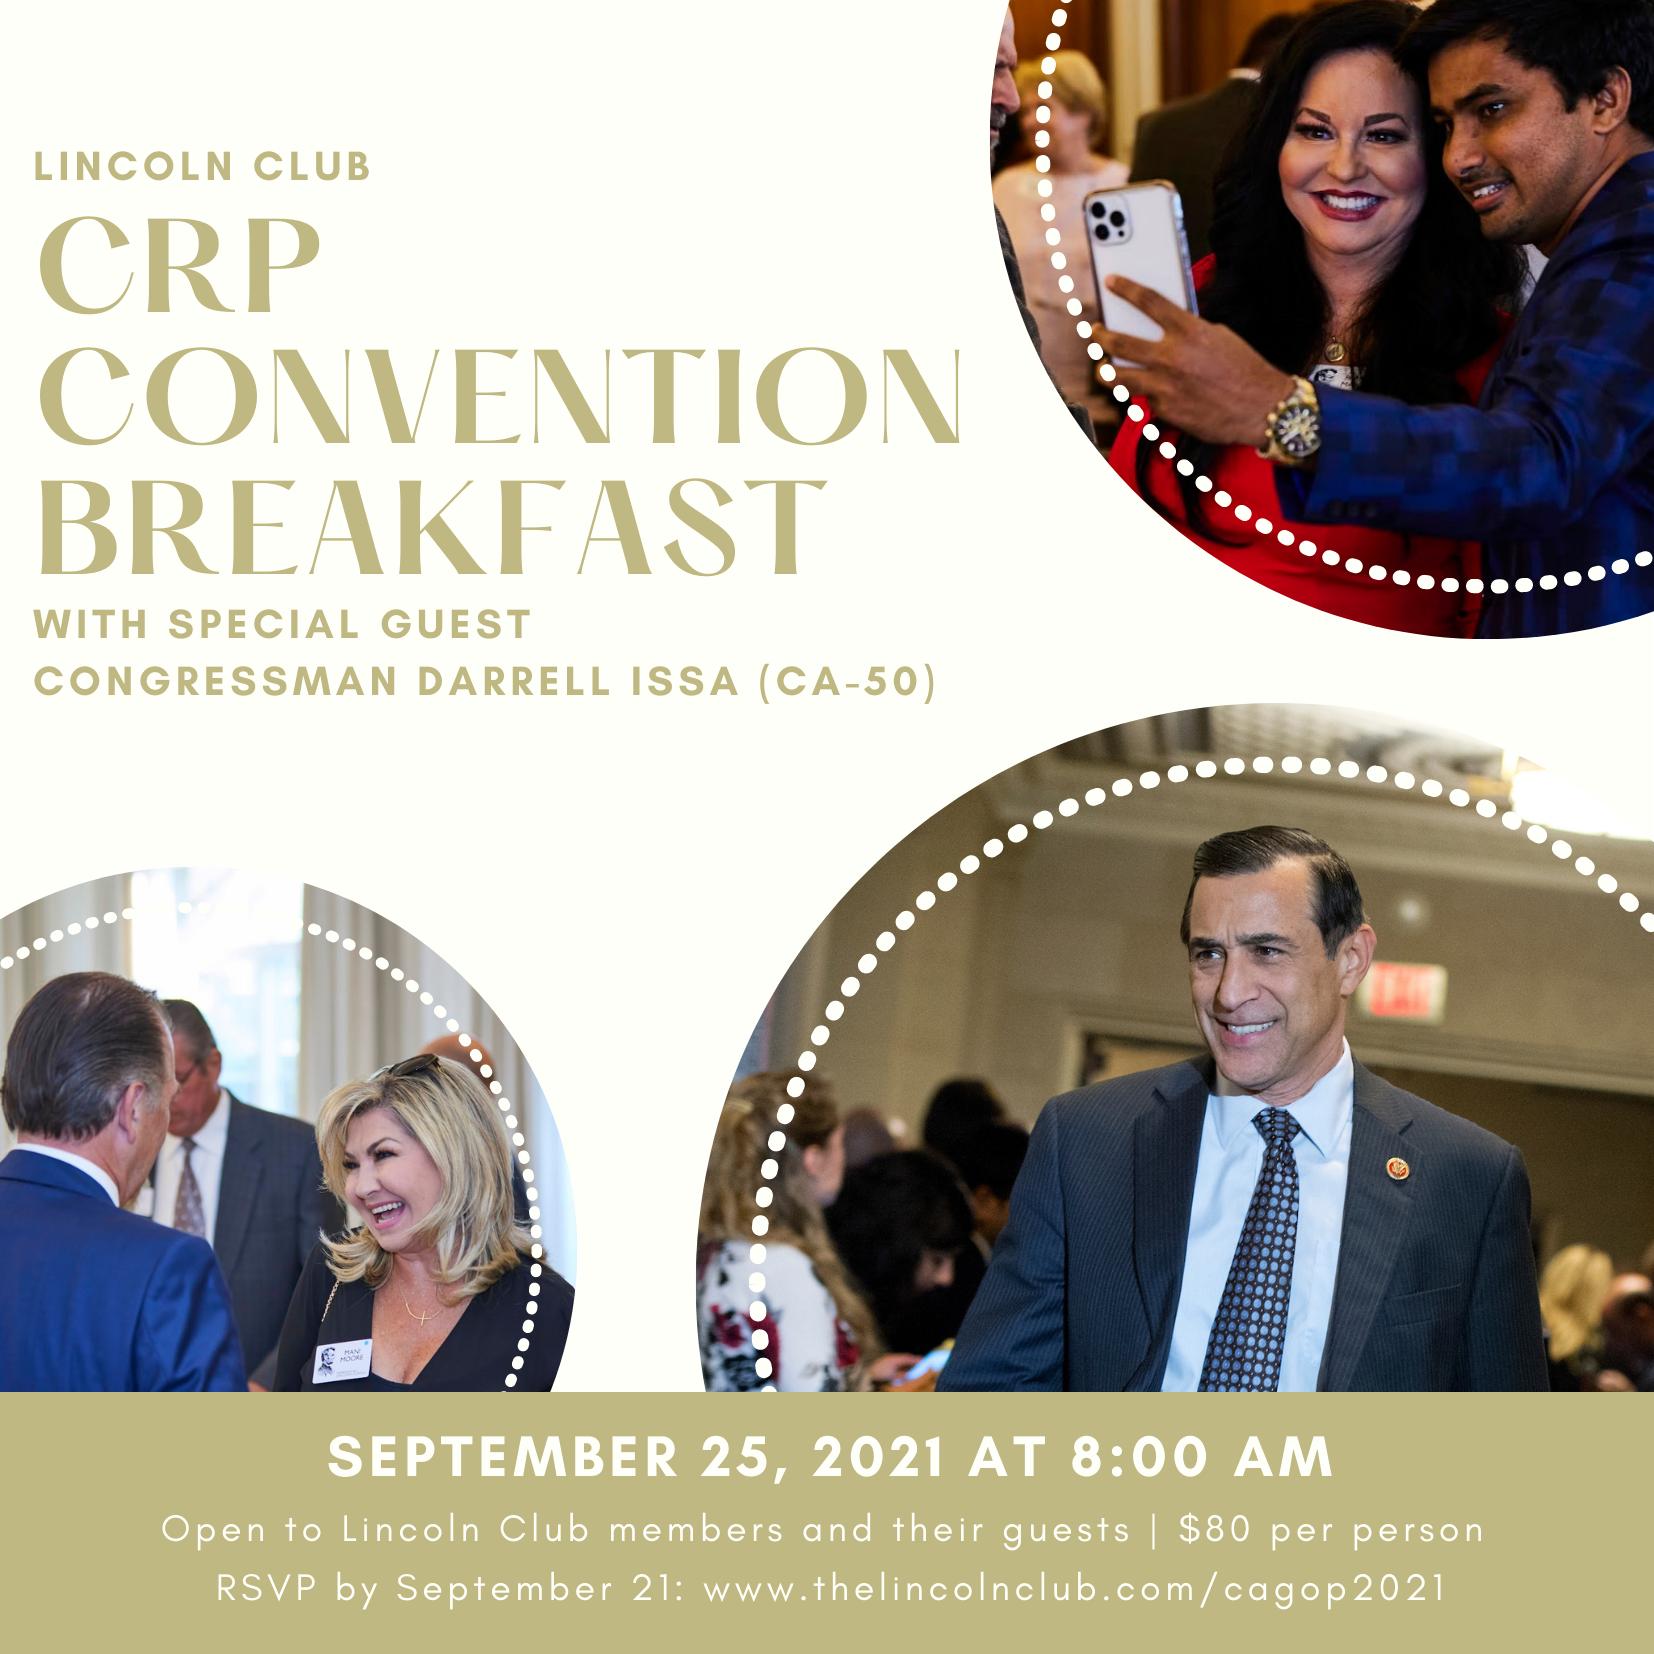 Lincoln Club Breakfast Invite